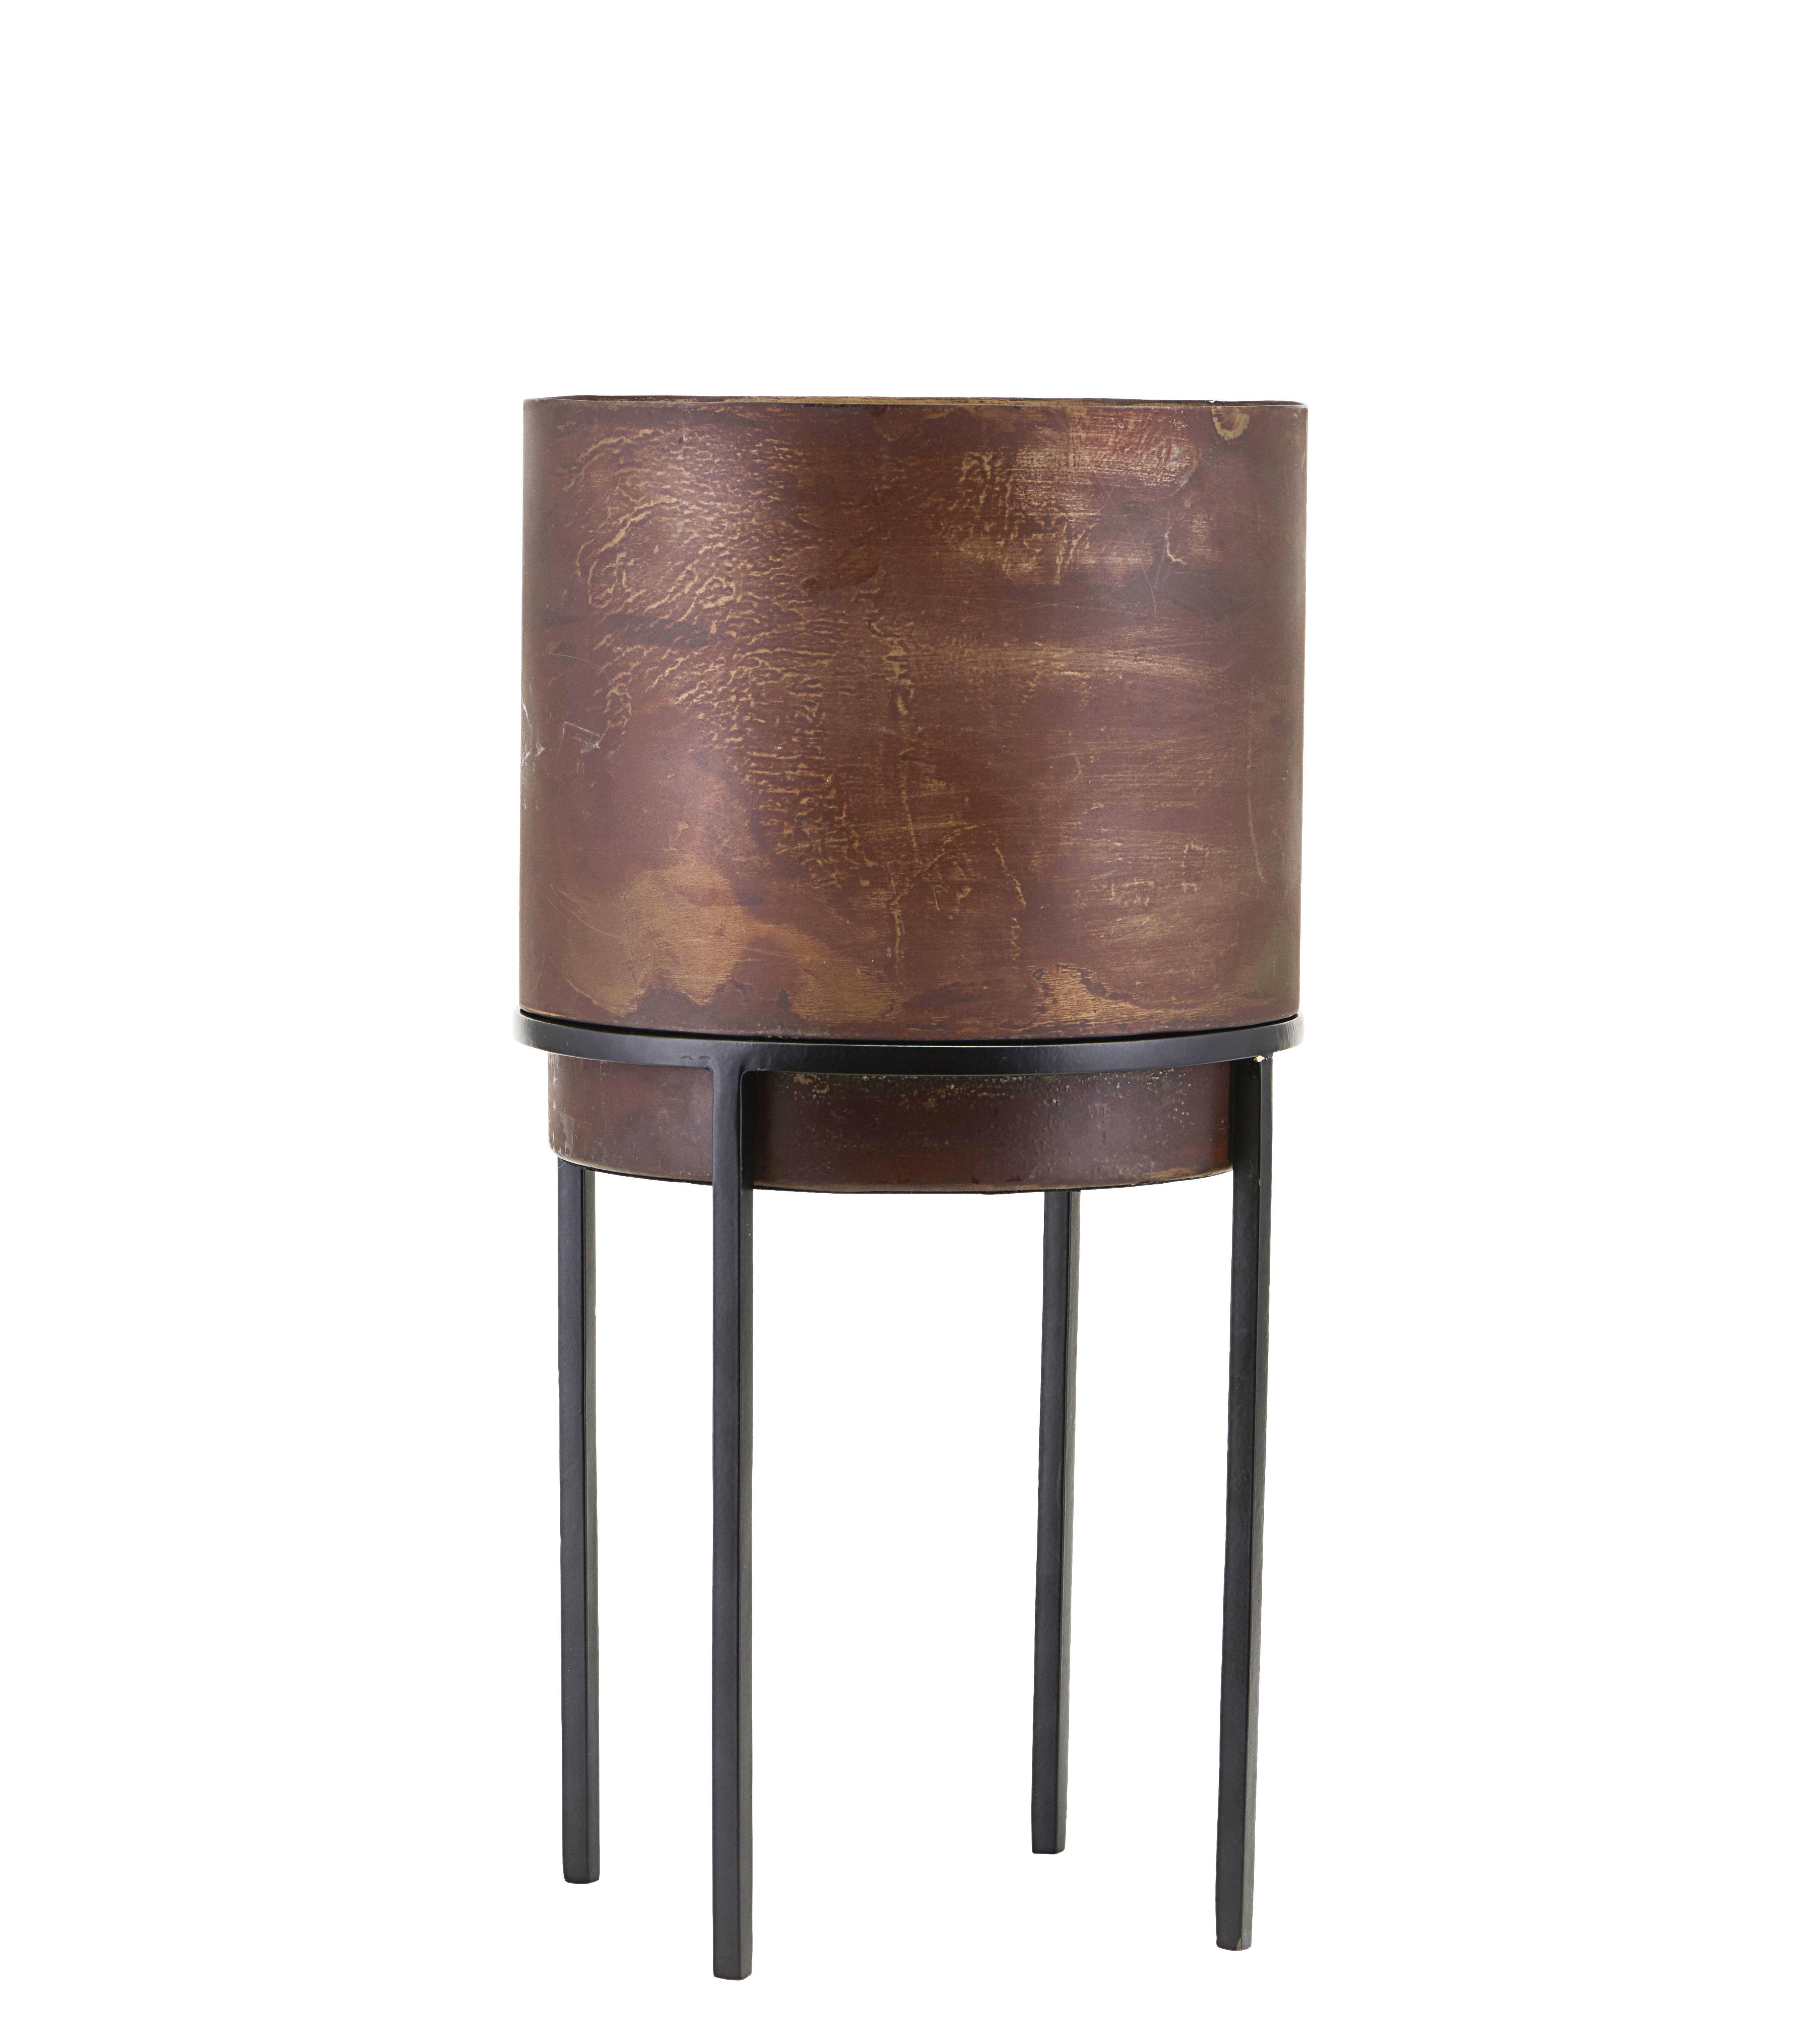 Outdoor - Vasi e Piante - Vaso per fiori Nian Large - / Con piedi - Ø 20 x H 40 cm di House Doctor - H 40 cm / Ruggine - Acciaio